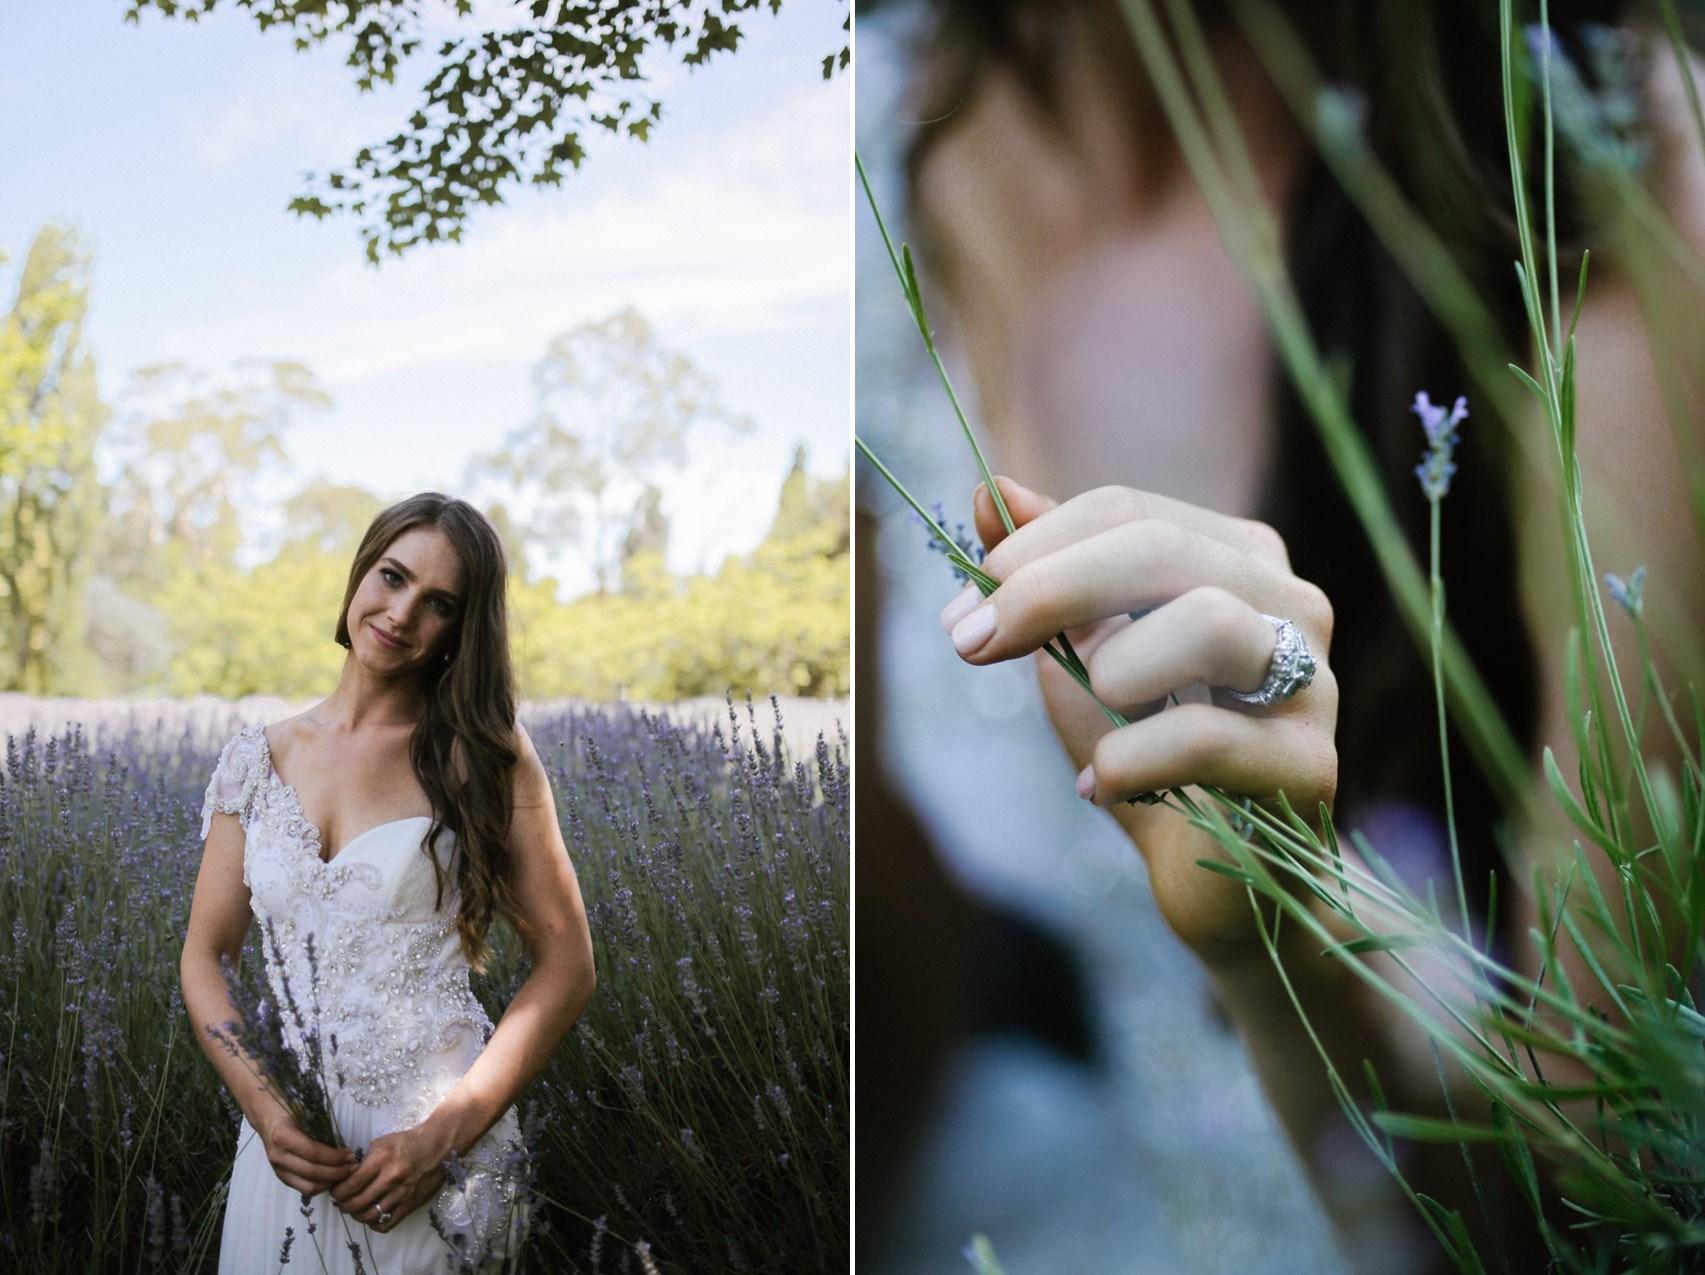 Lavender farm bridal portraits // Photography by Brown Paper Parcel